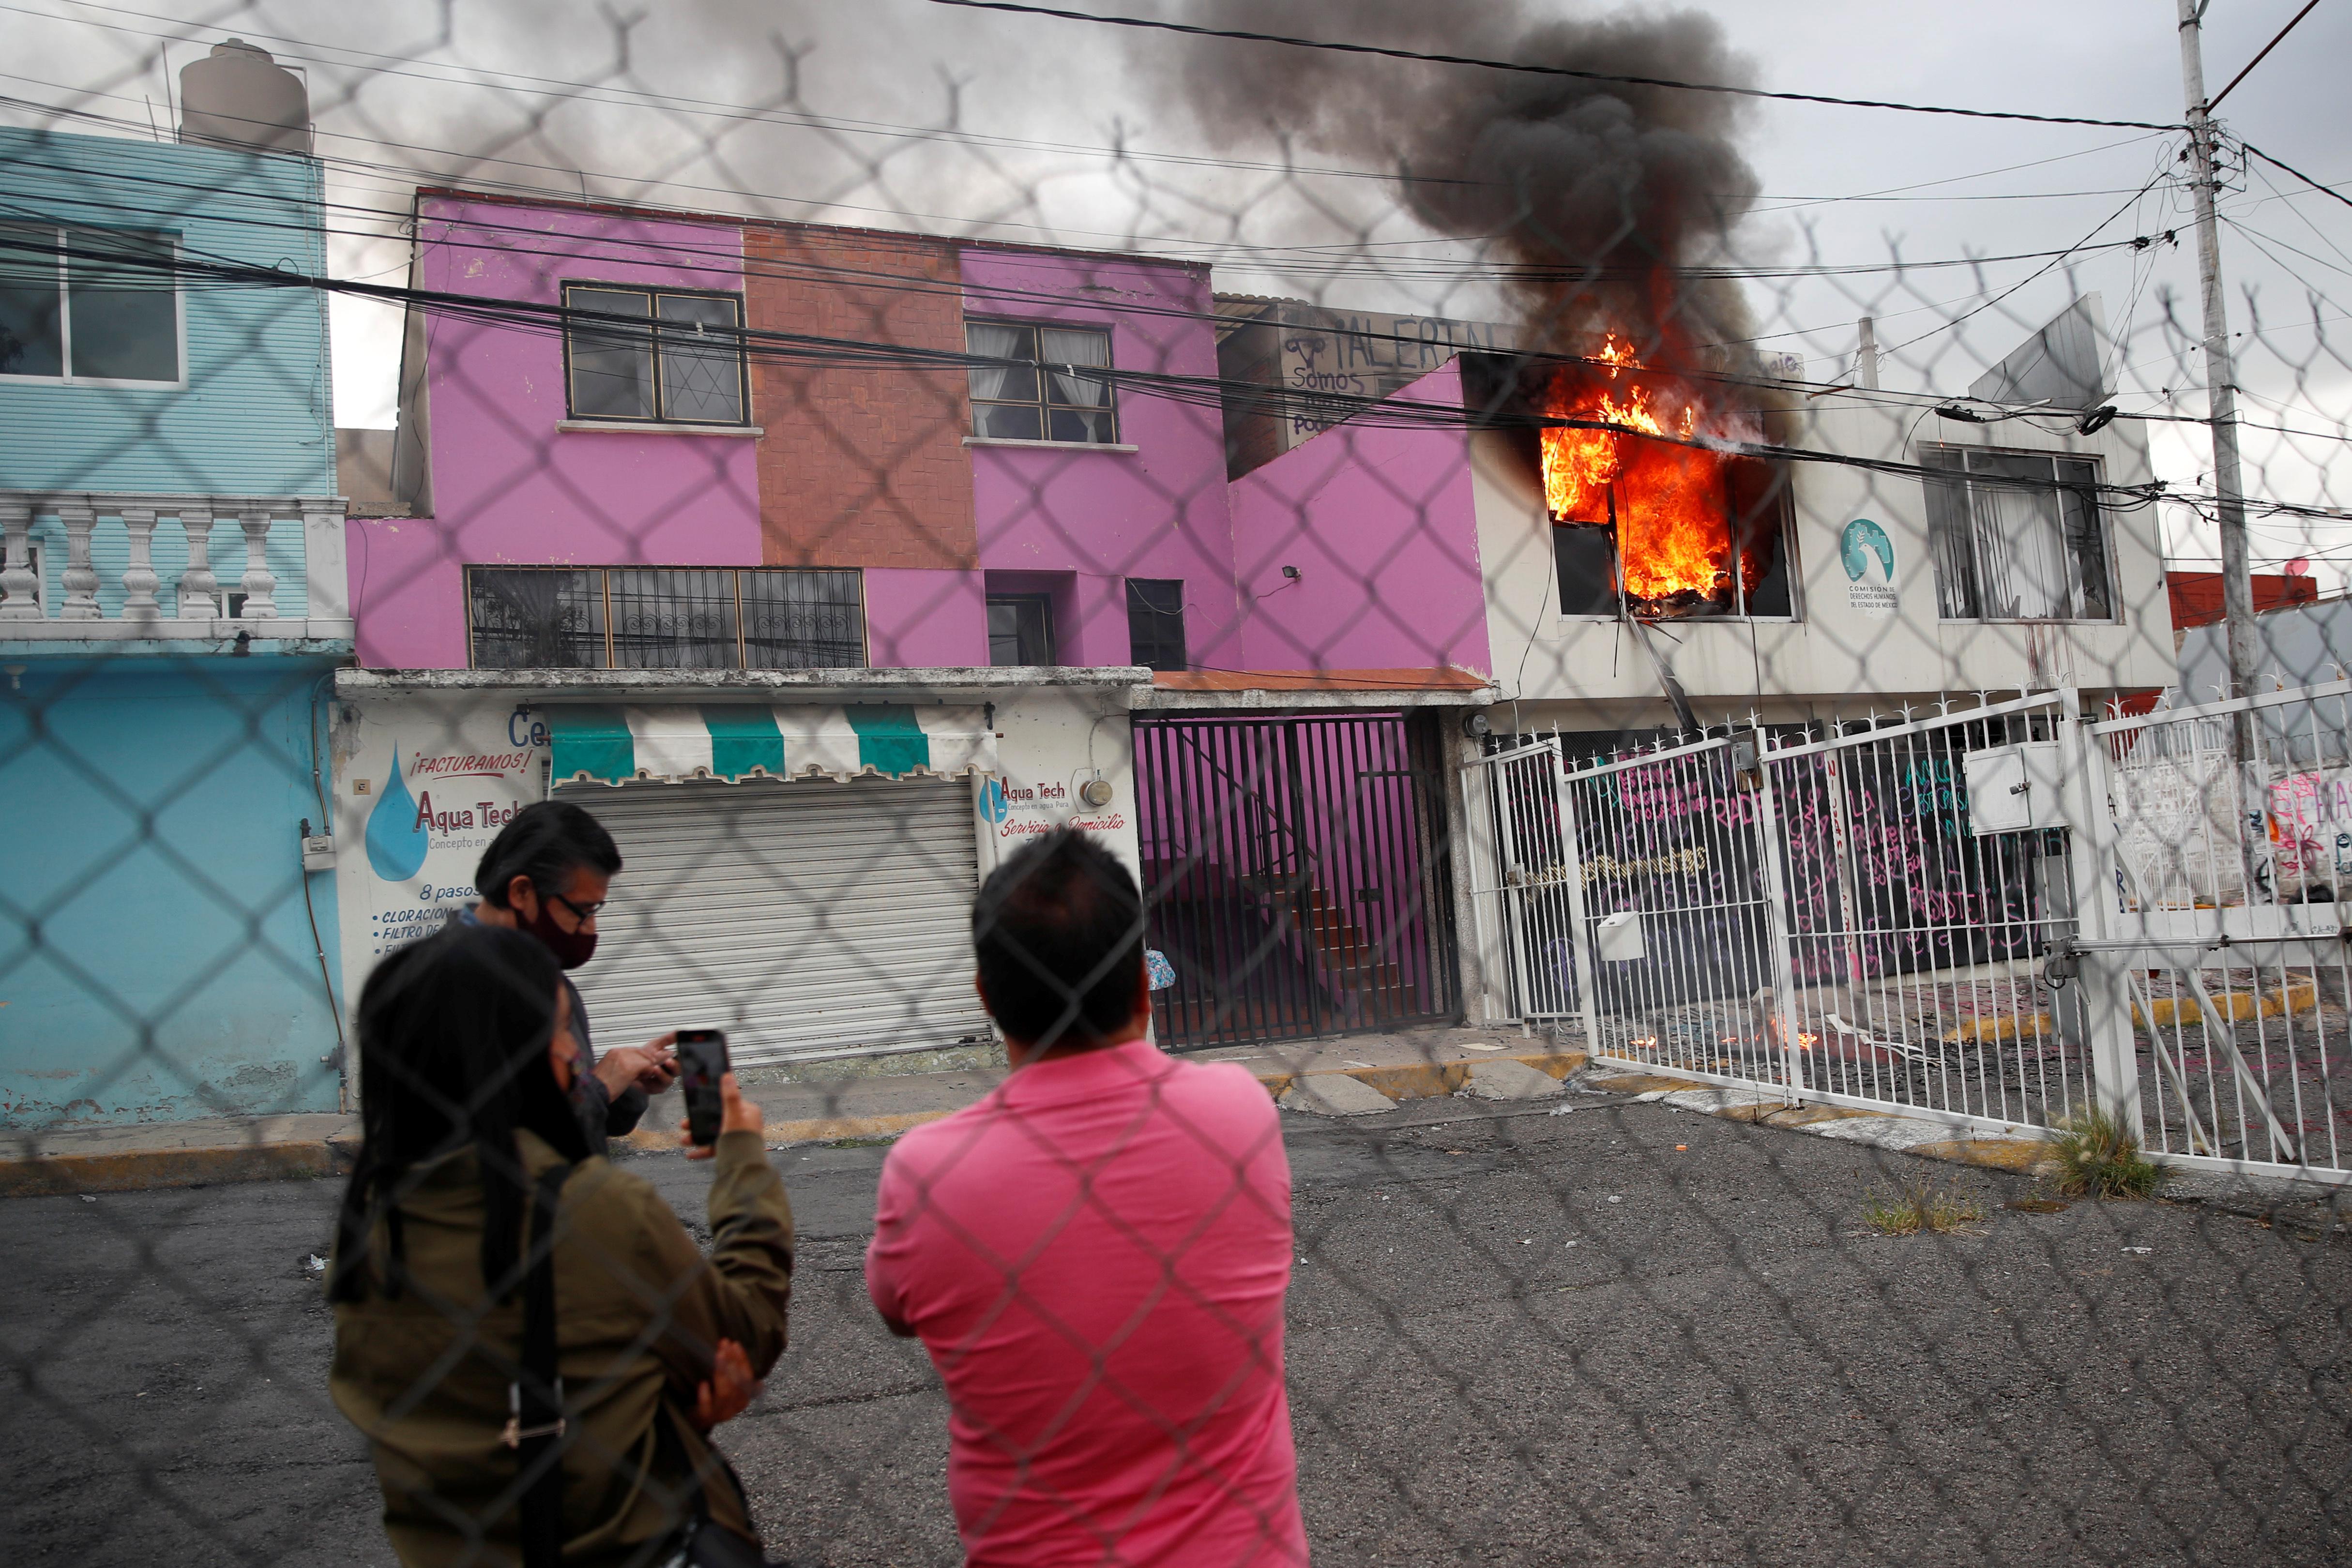 La gente observa un incendio que estalló luego de que miembros de un colectivo feminista destrozaran las instalaciones de la comisión de derechos humanos del estado de México, en apoyo a víctimas de violencia de género, en Ecatepec, Estado de México, México el 11 de septiembre de 2020.